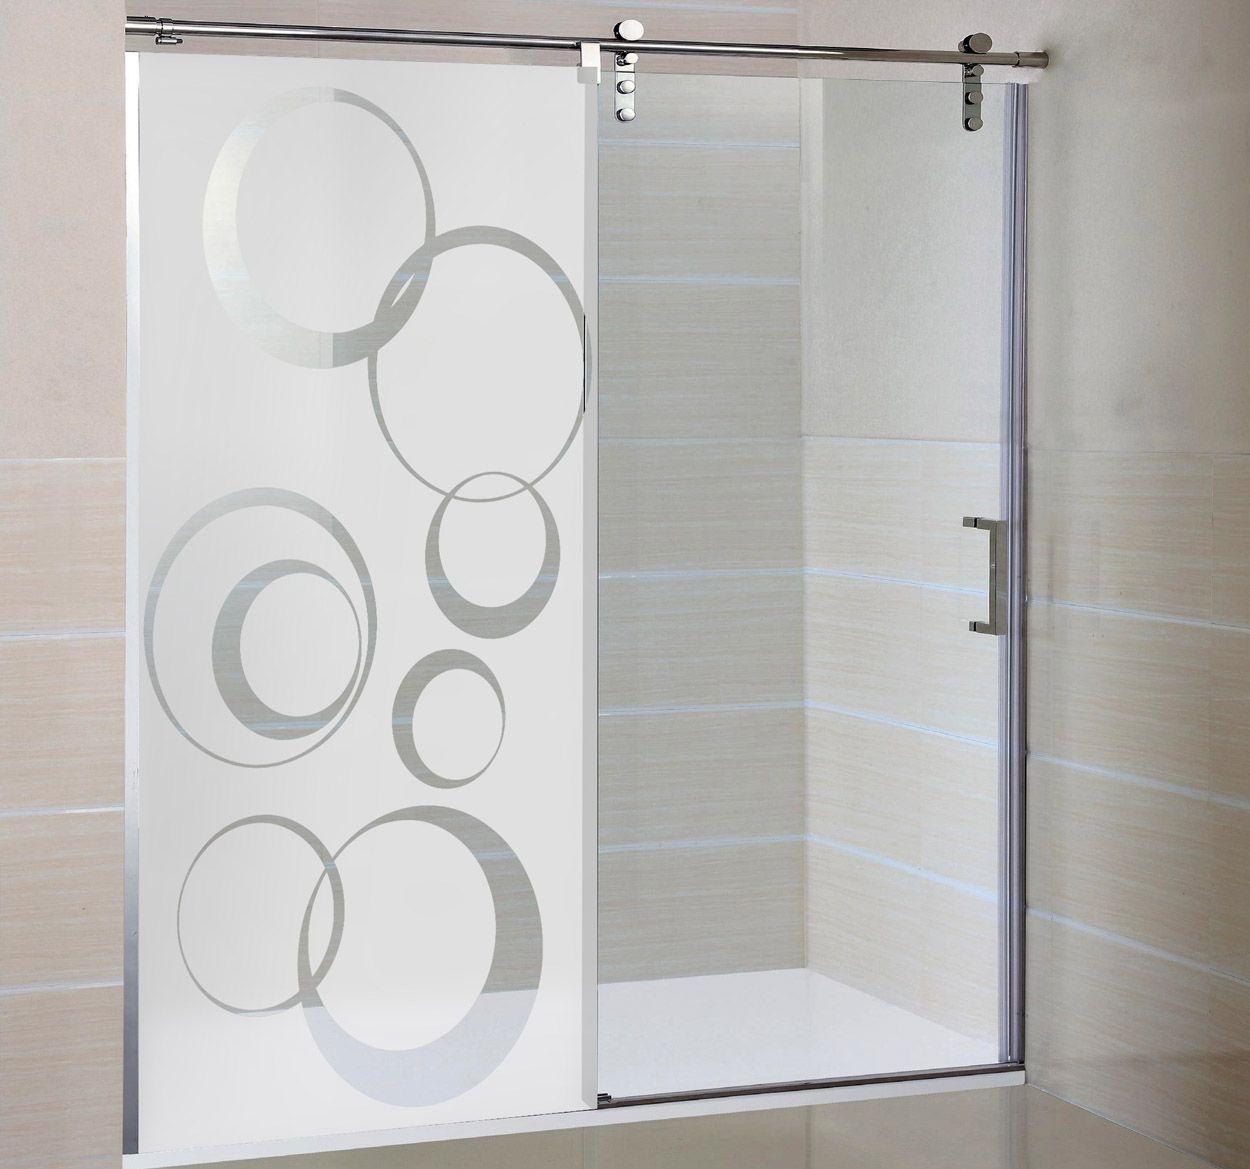 Vinilo decorativo mampara círculos | Duchas de vidrio ...